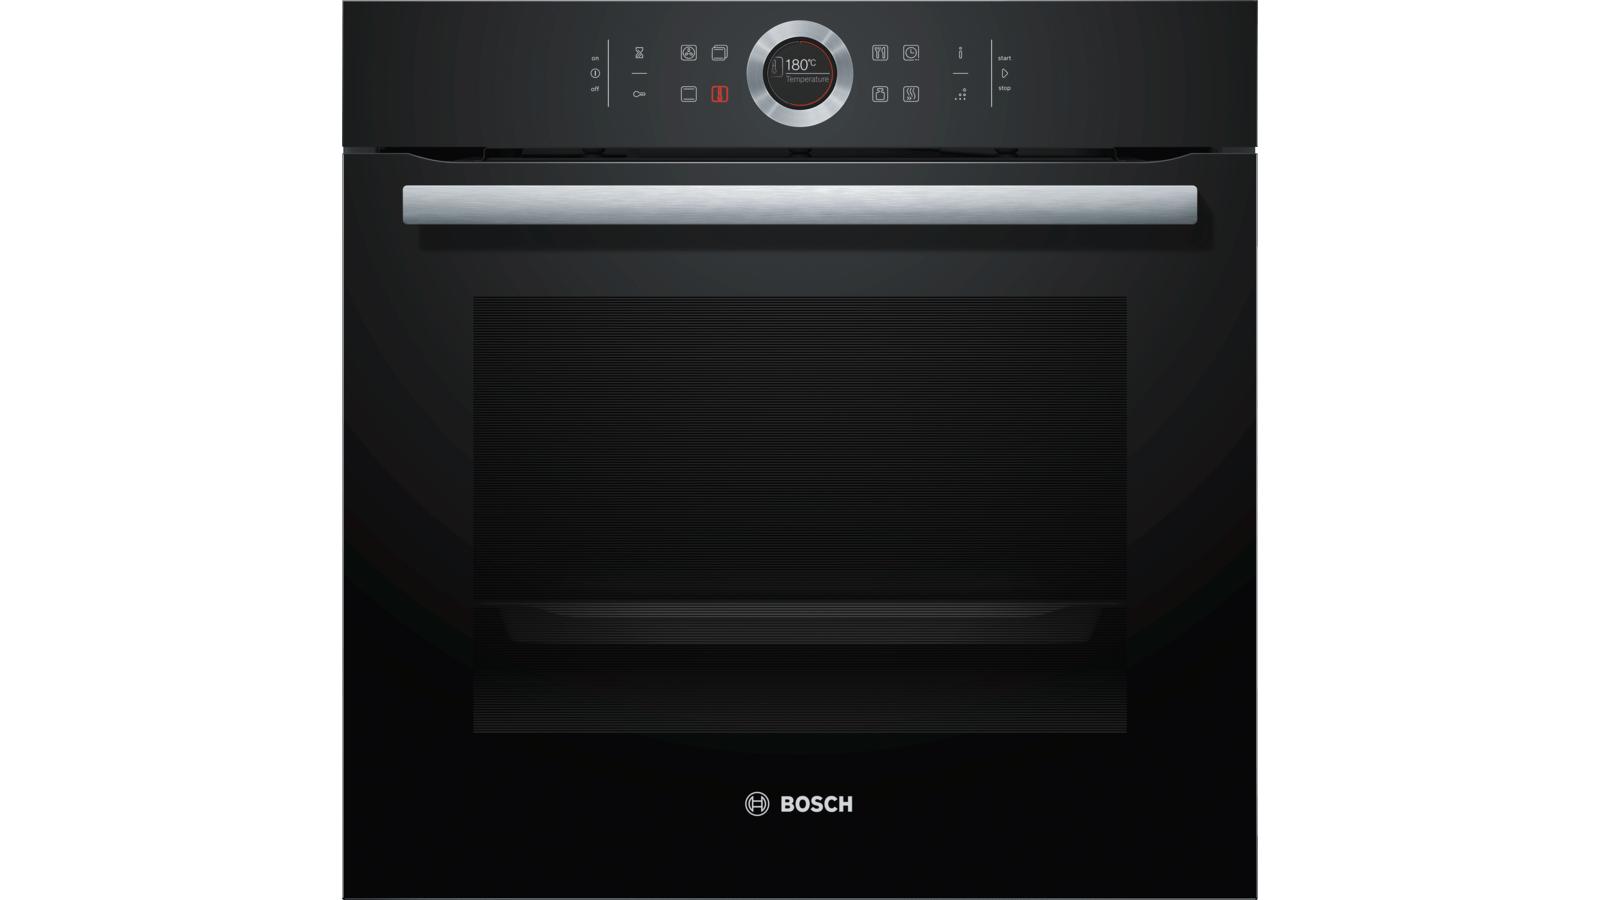 Bosch Serie | 8 Built-in oven Black HBG655NB1